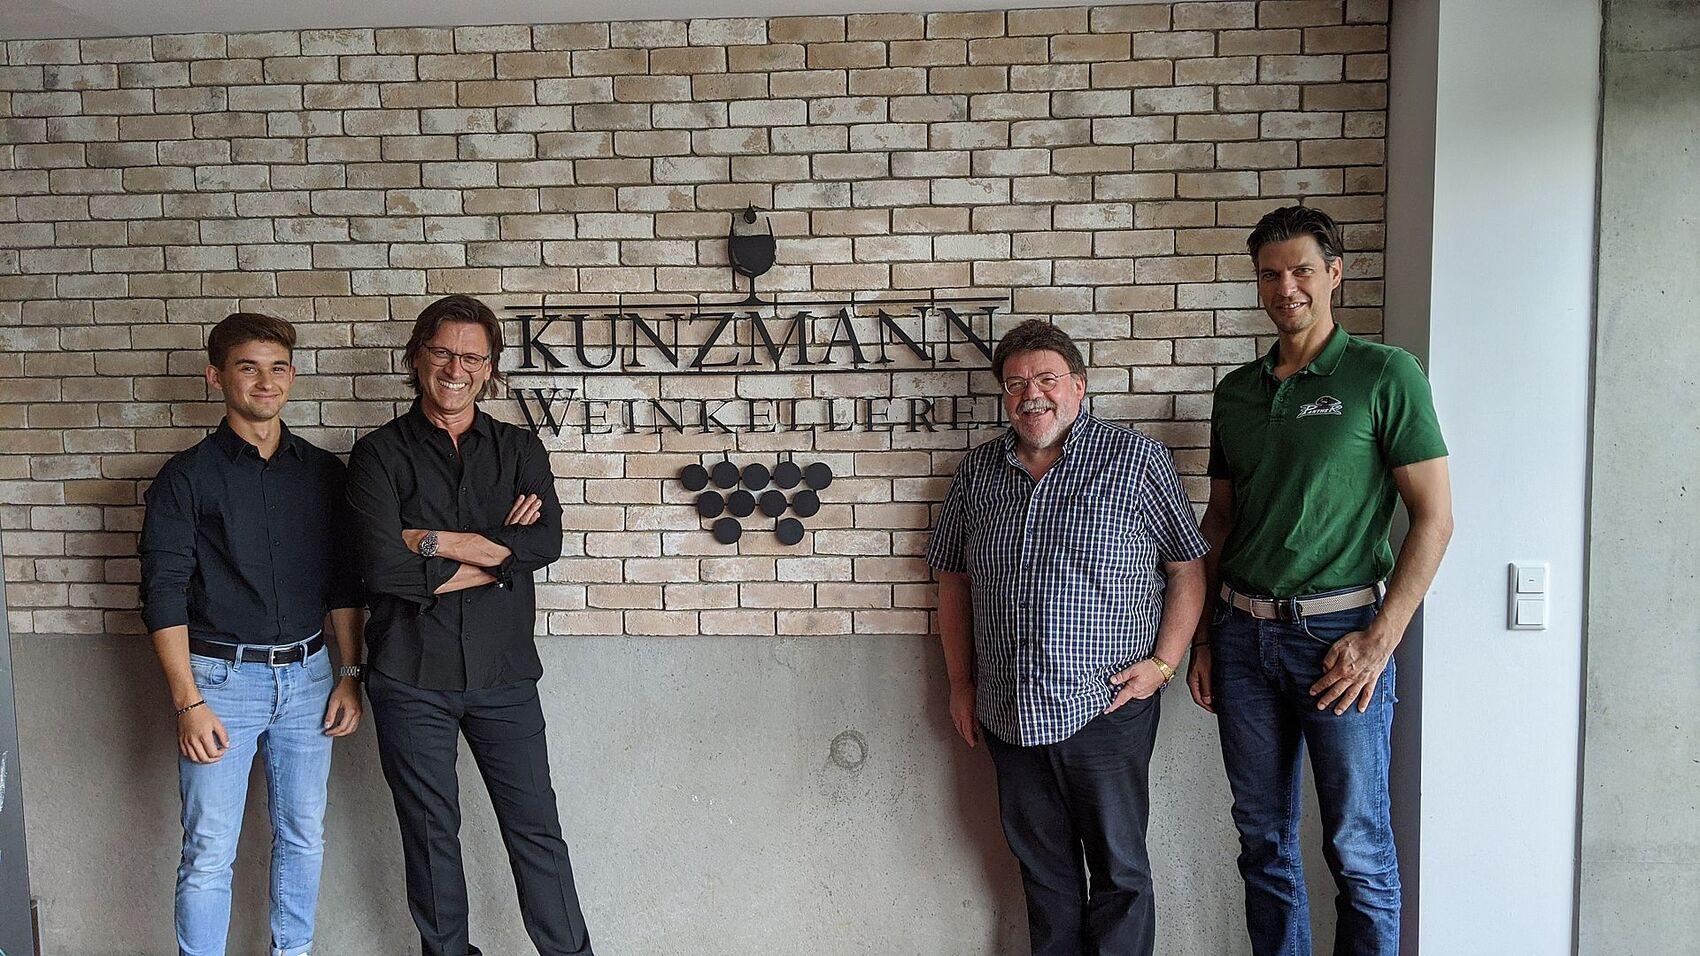 Weinkellerei Kunzmann verlängert Vertrag bis 2023